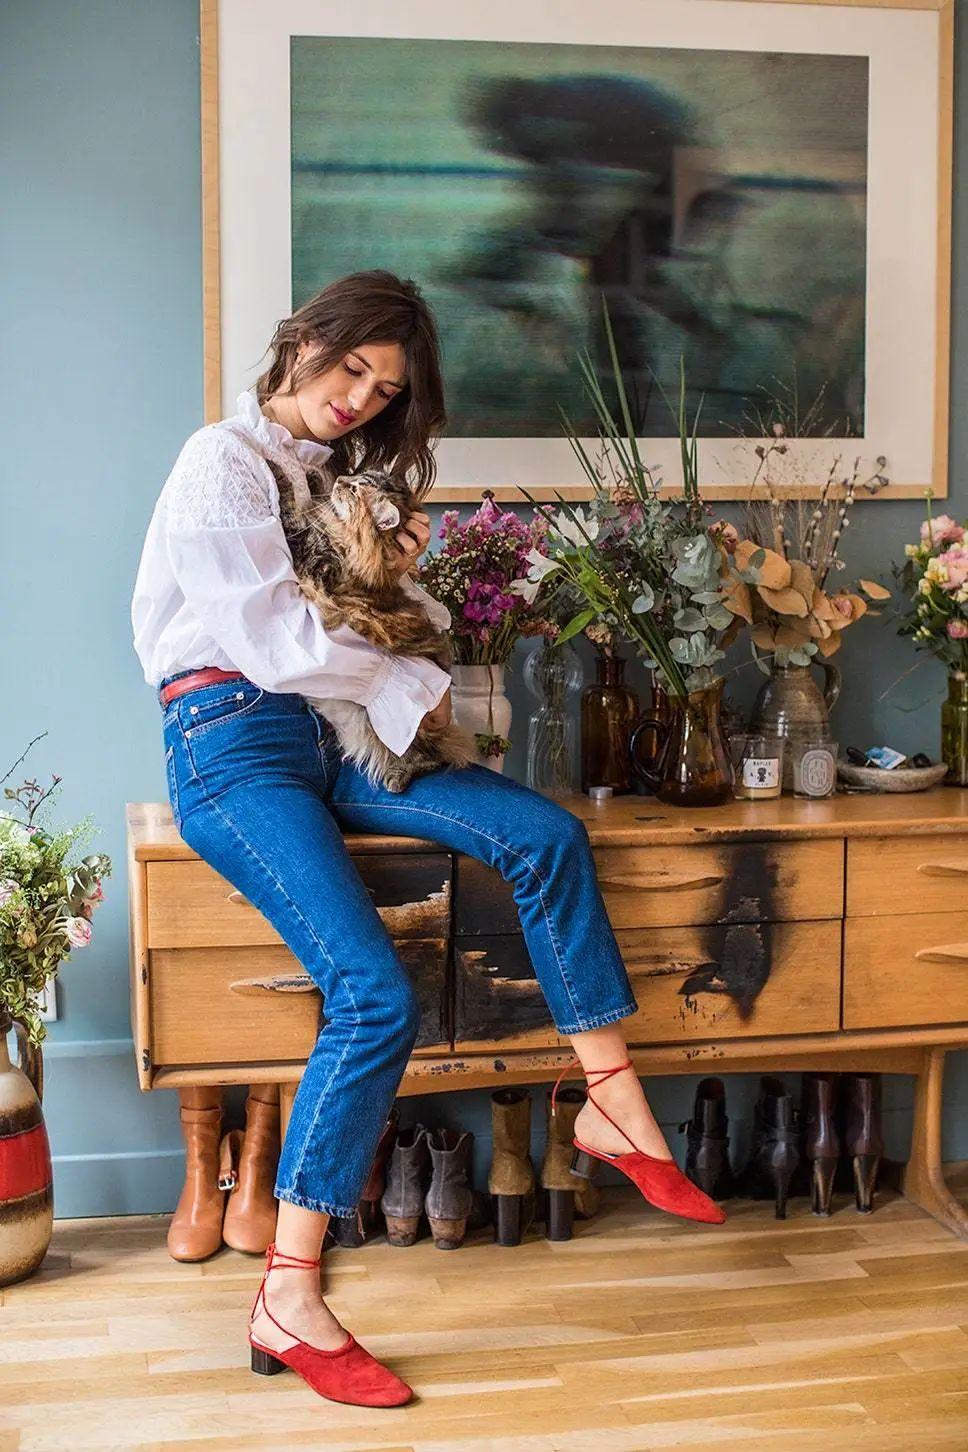 Đừng mãi quanh quẩn với giày đen/trắng nữa, giày đỏ mới thực sự giúp nâng tầm style và khiến bạn trông sang như gái Pháp - Ảnh 4.